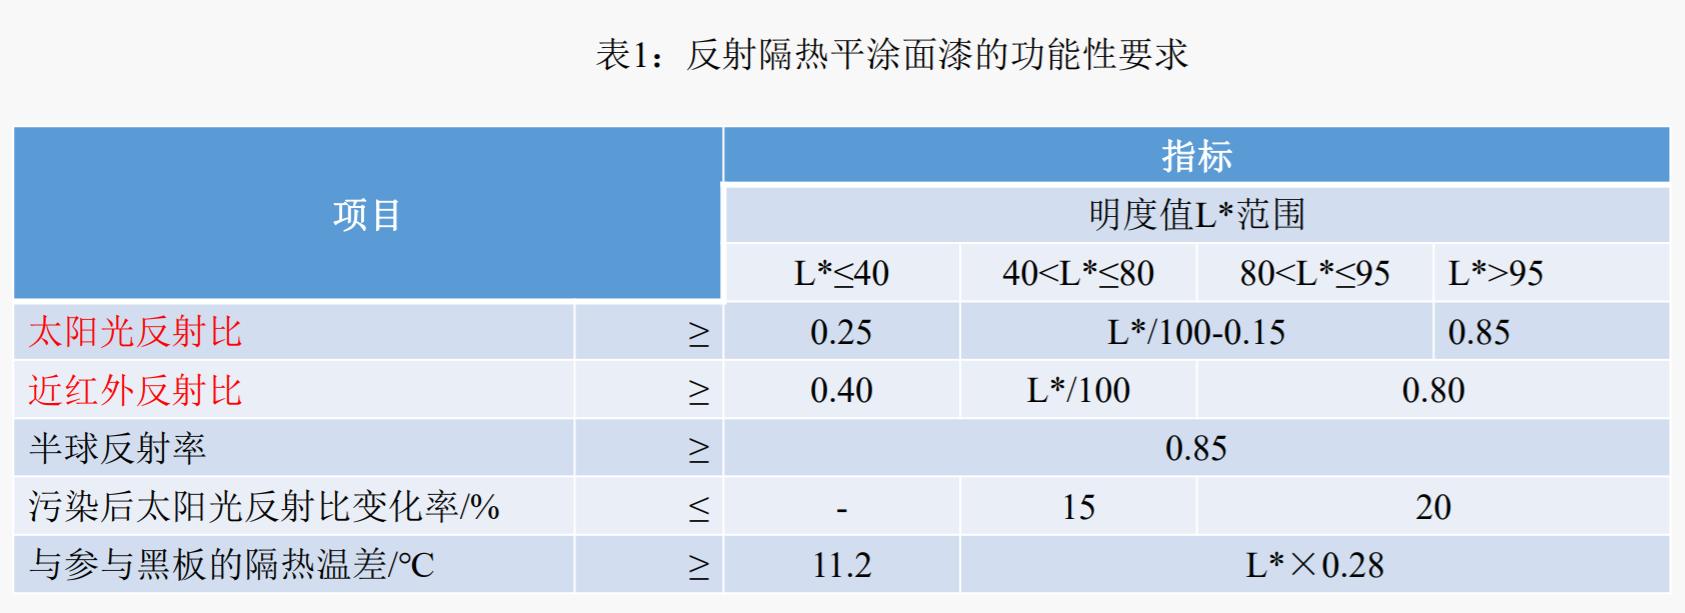 表1:反射隔热平涂面漆的功能性要求